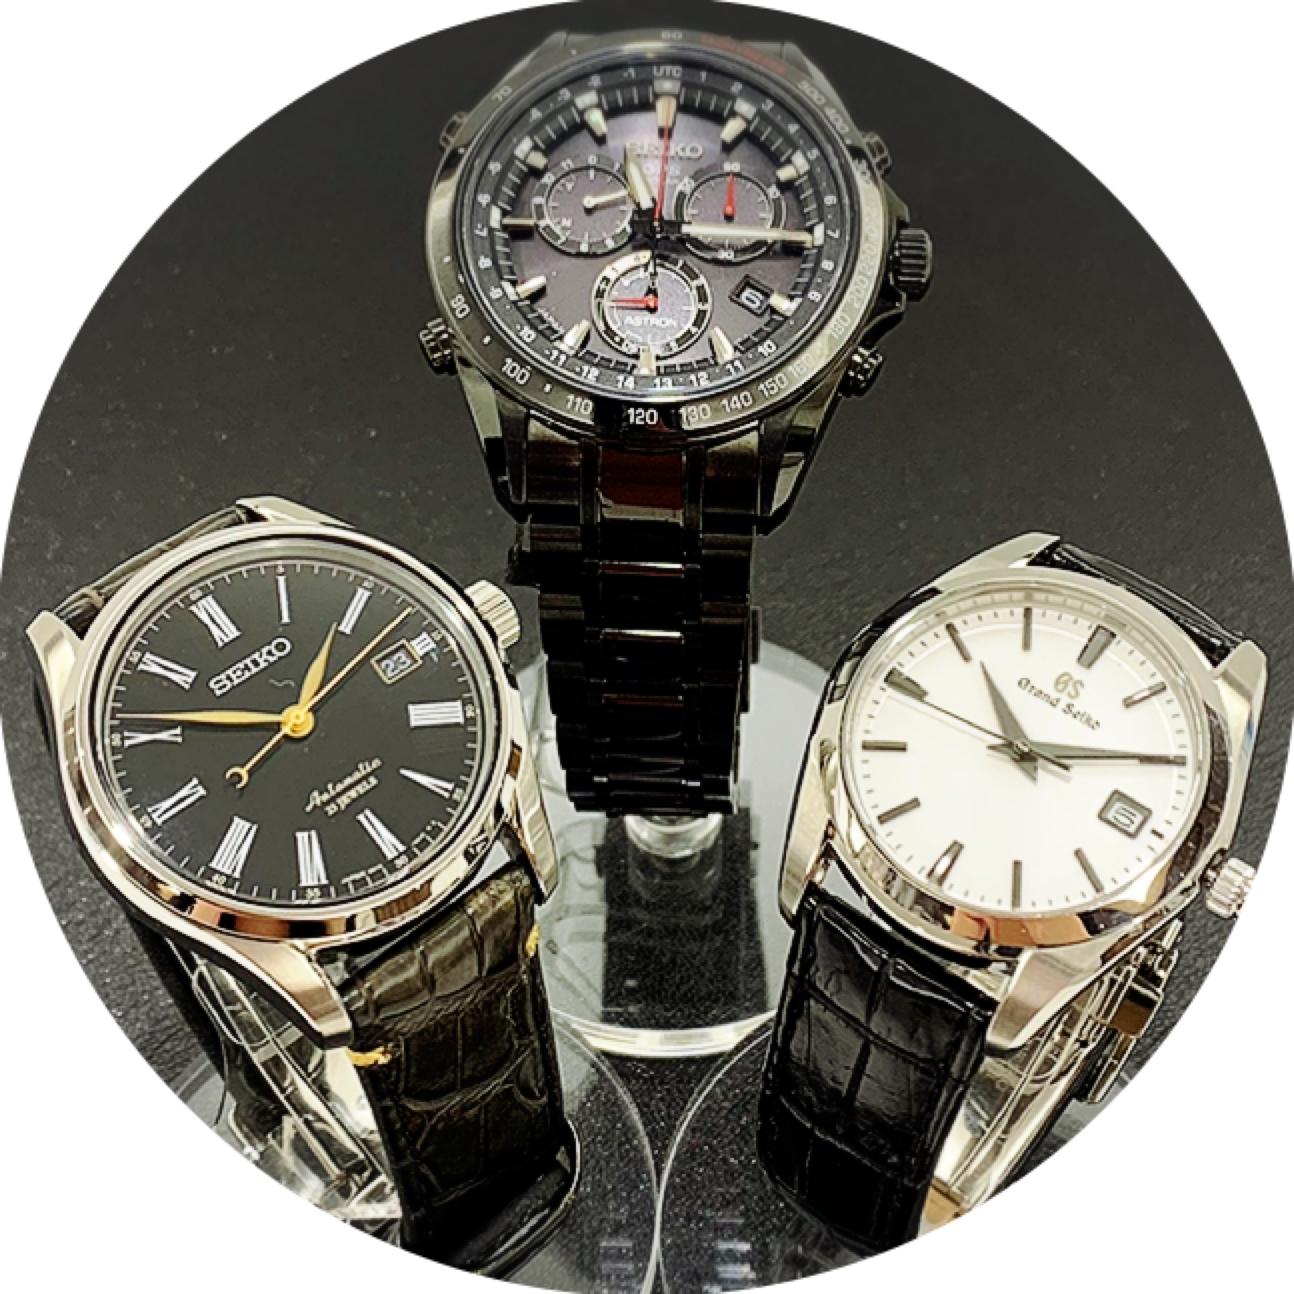 【時計 販売 盛岡】新生活応援ウォッチフェアは4月末までです⌚お早めに♡